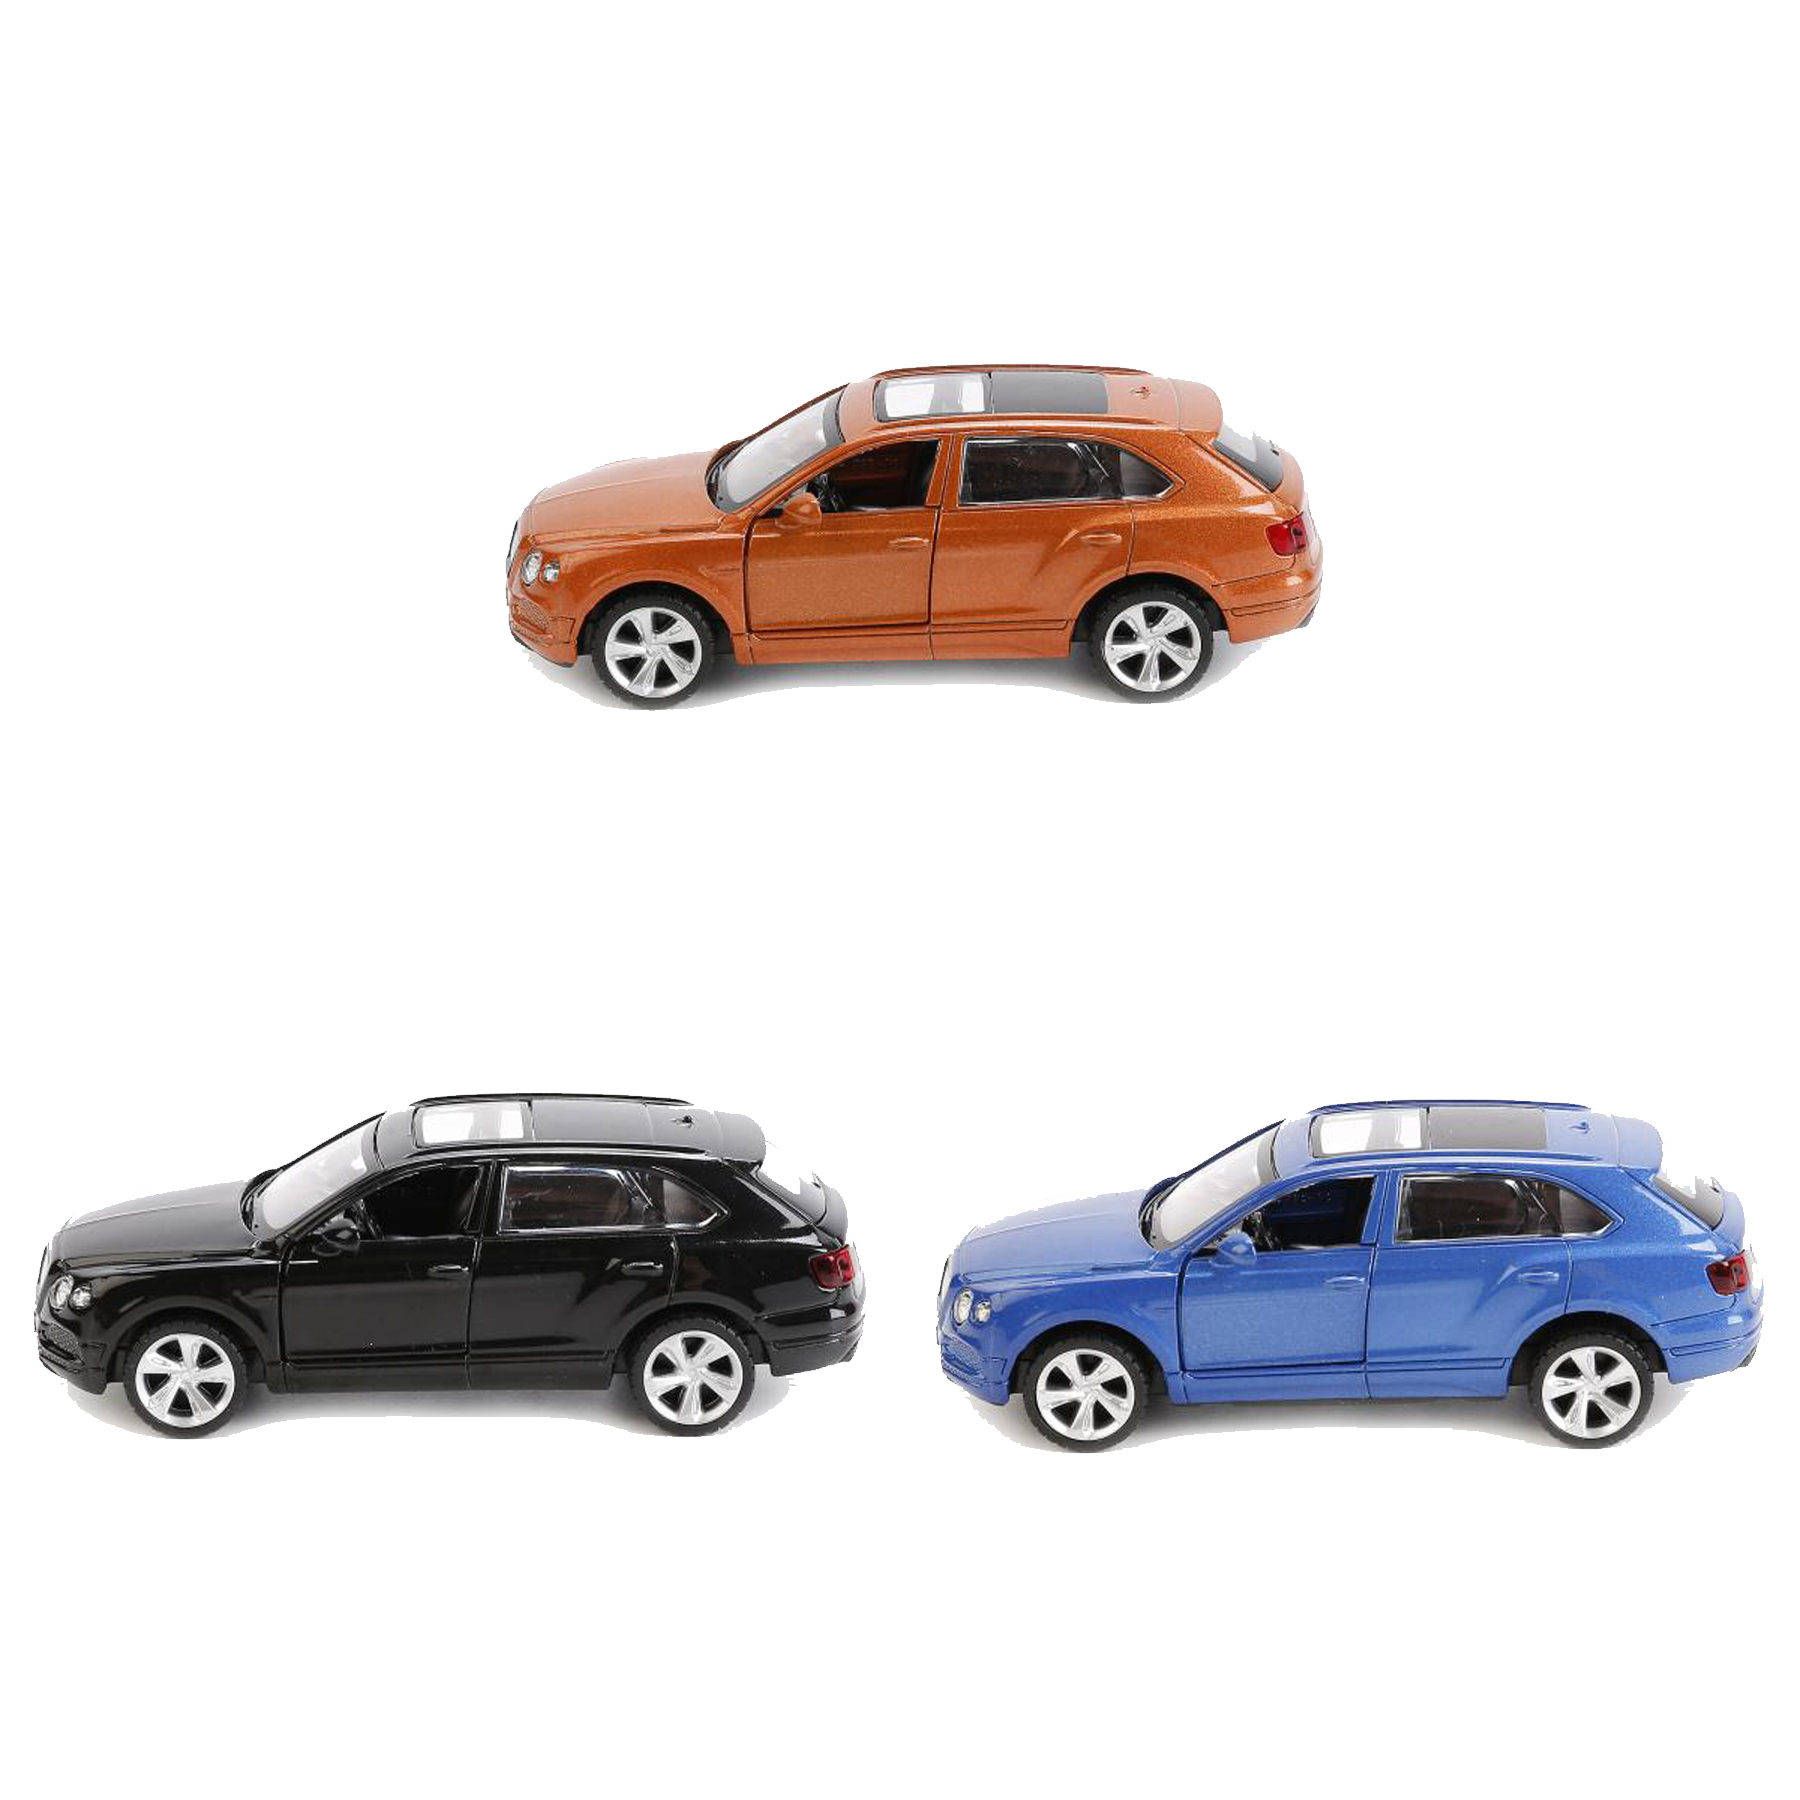 Купить Машинка Технопарк металлическая инерционная bentley bentayga, 1:45, Игрушечные машинки